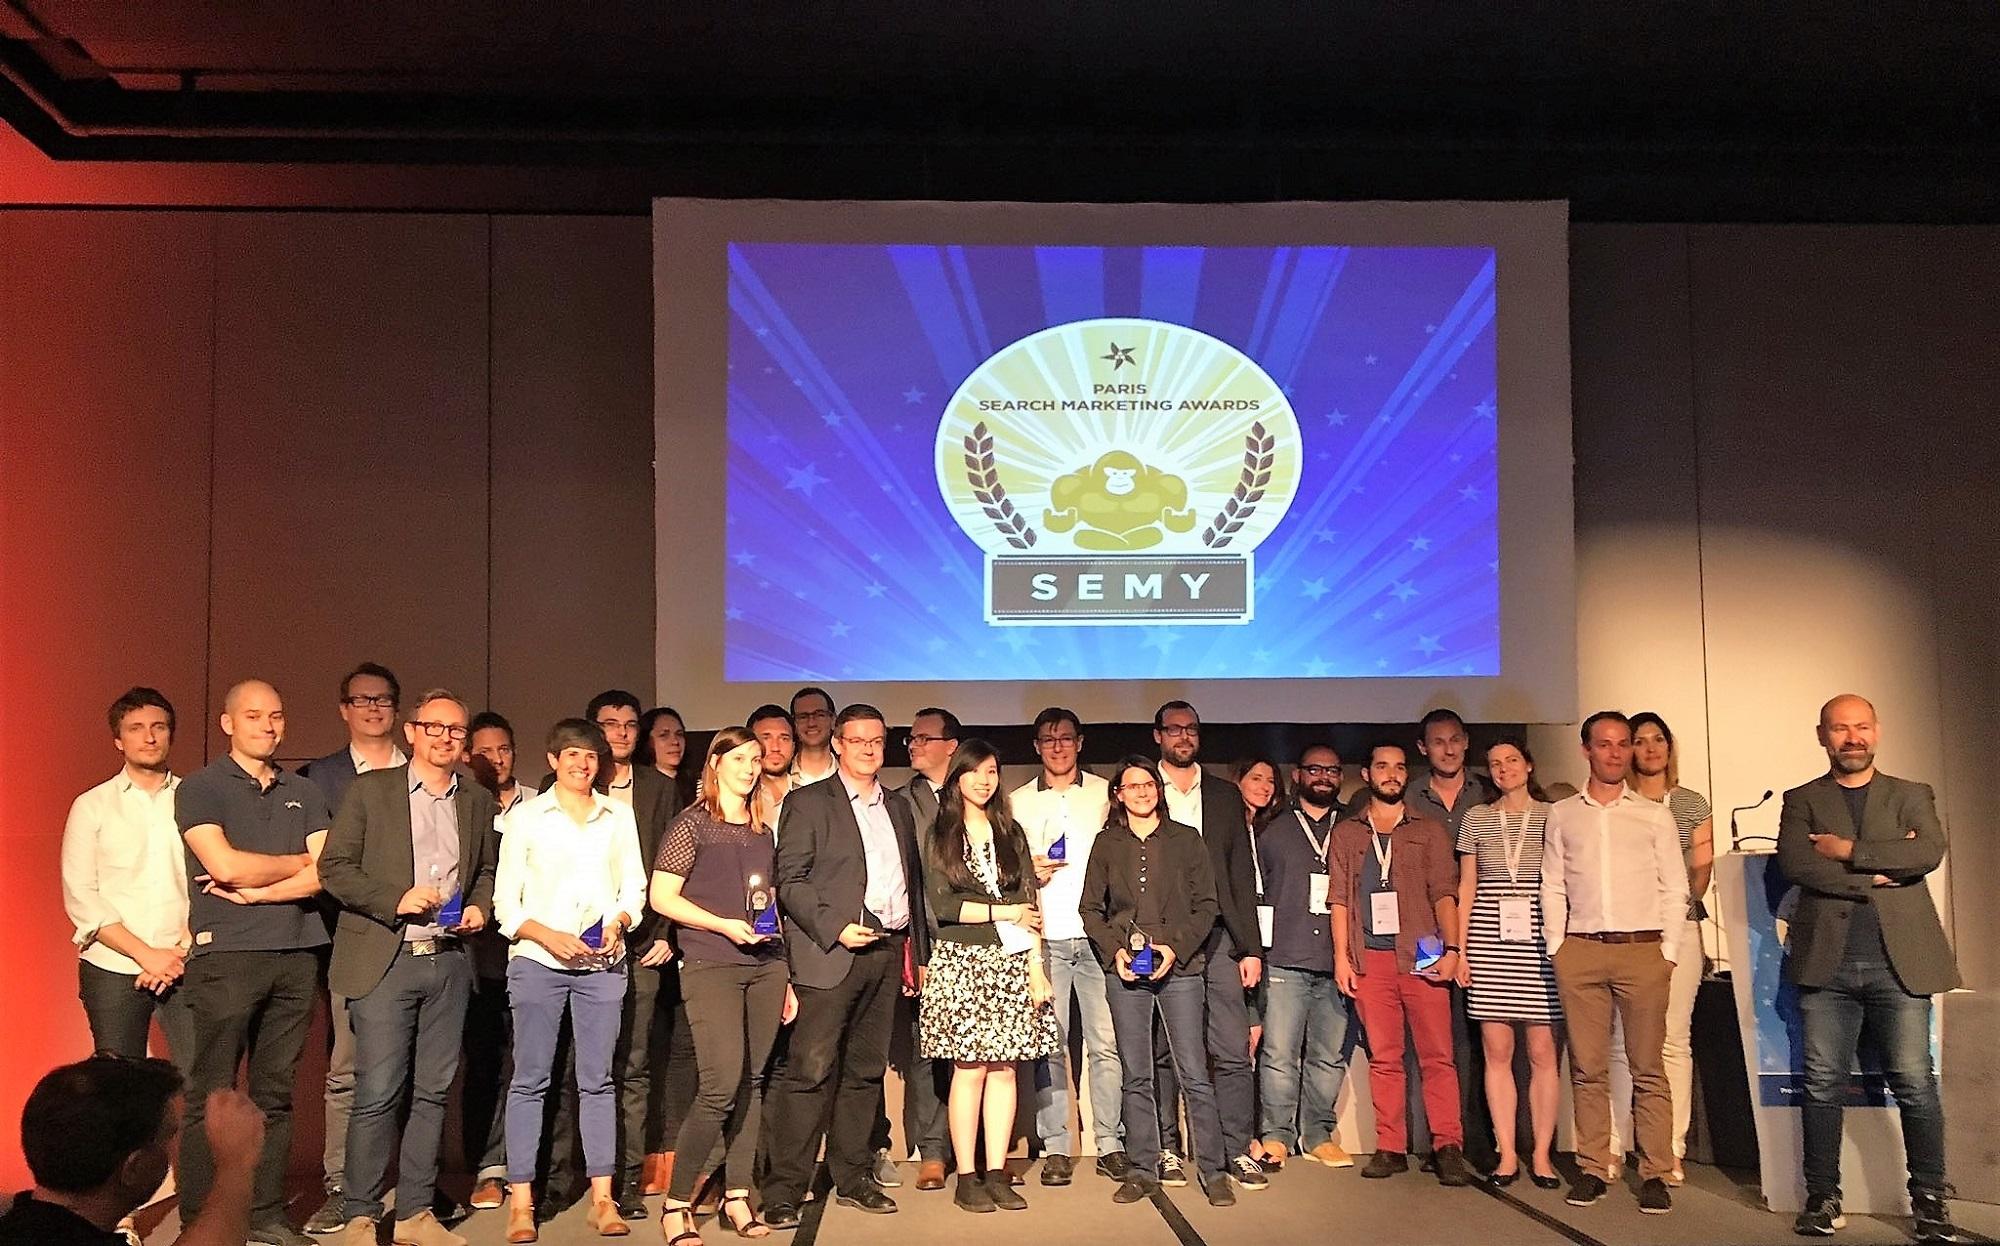 Semy Awards : les lauréats de l'édition 2017